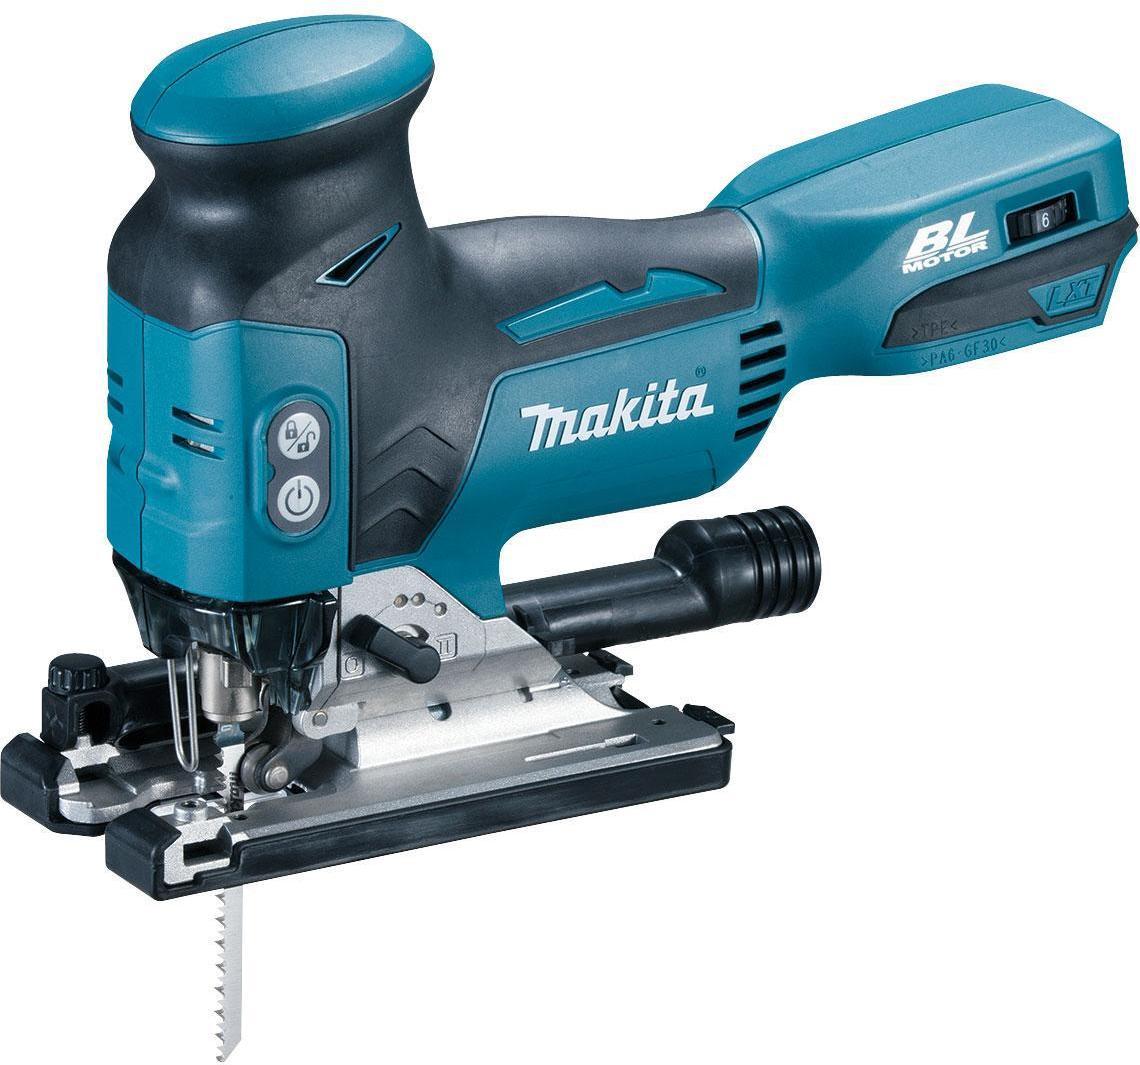 makita verktyg billigt